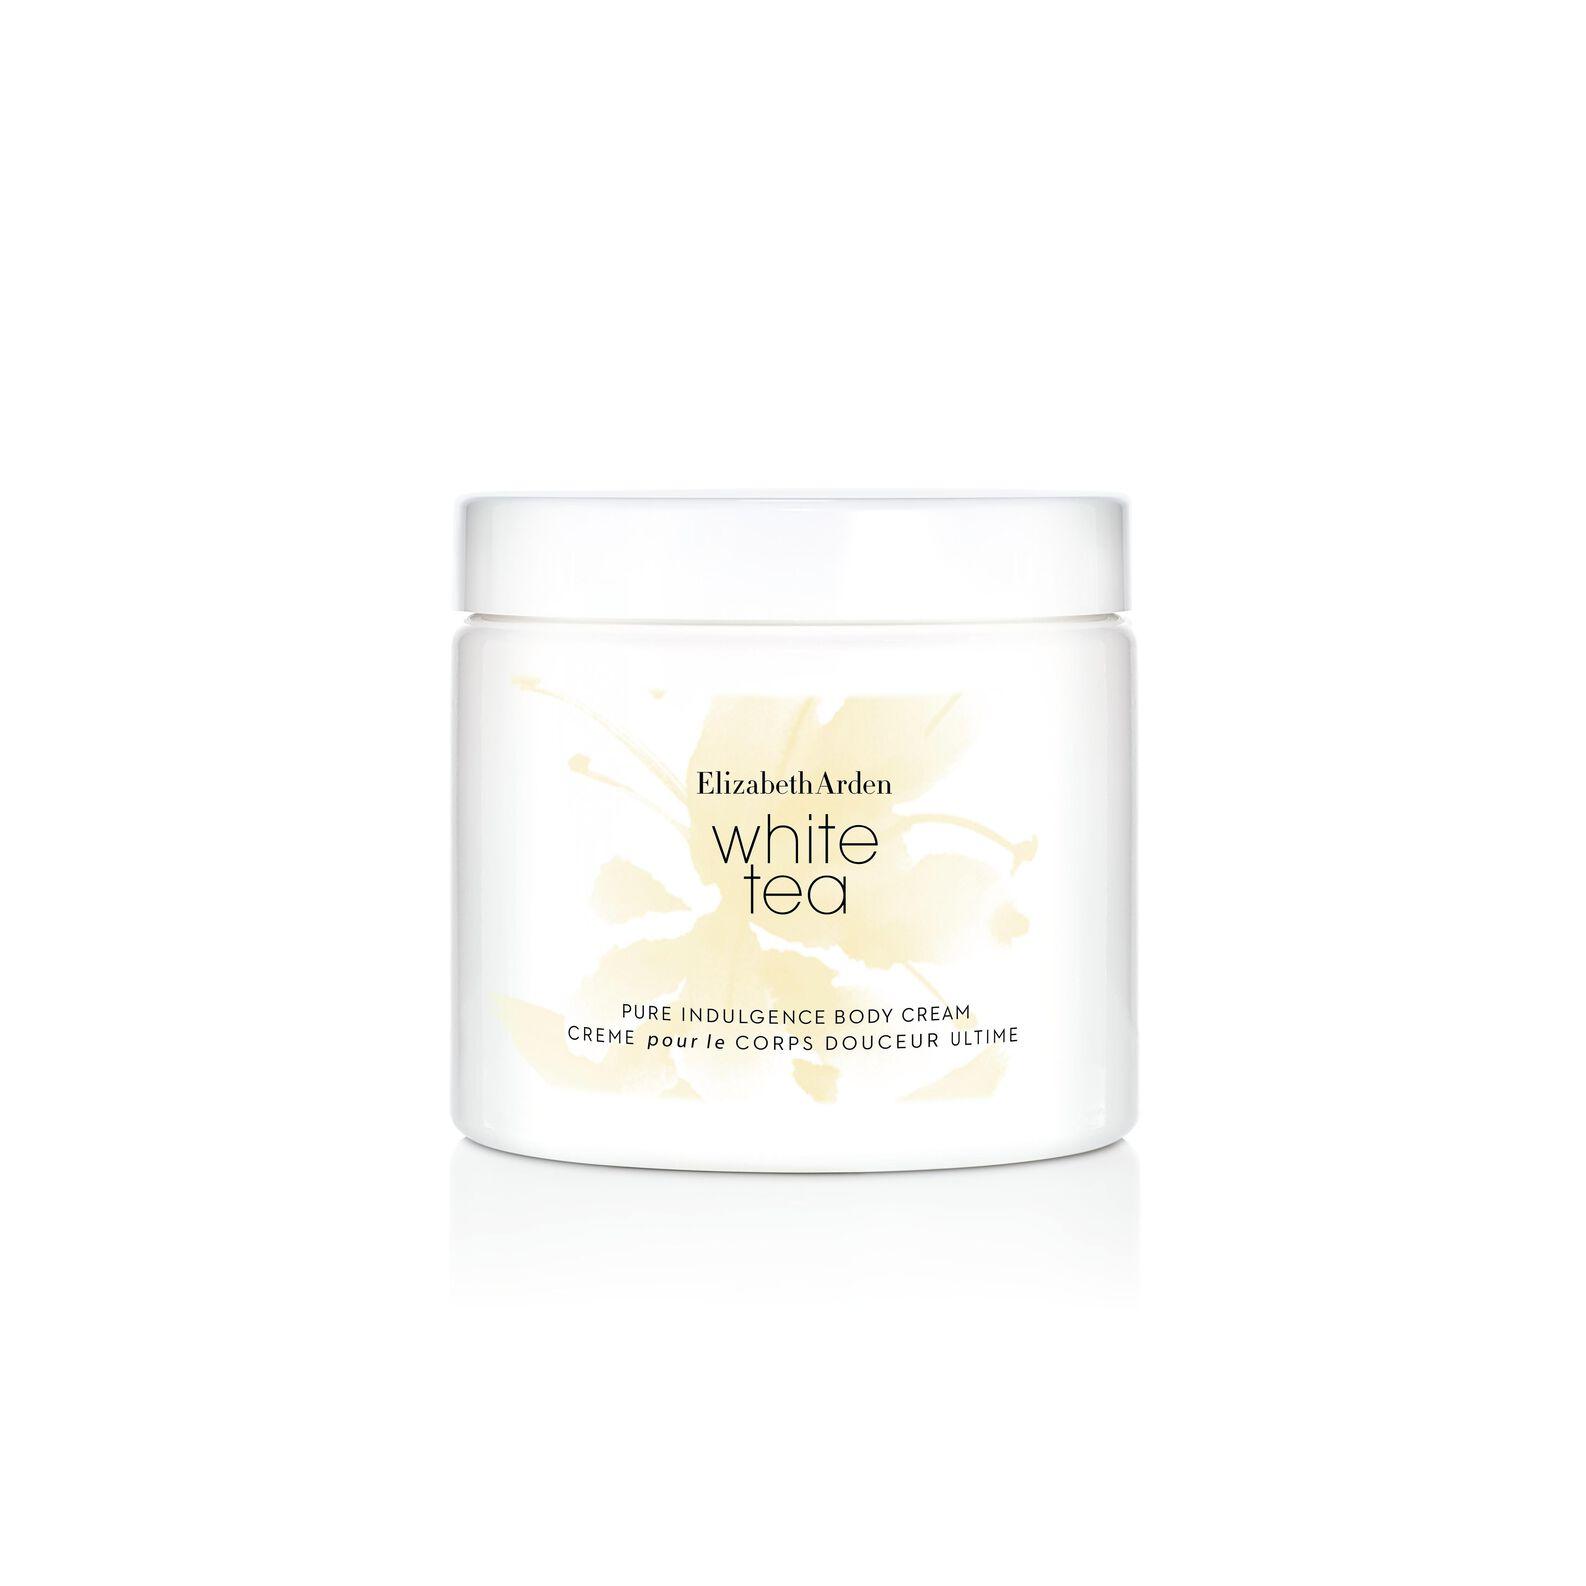 White Tea Pure Indulgence Body Cream 400 ml